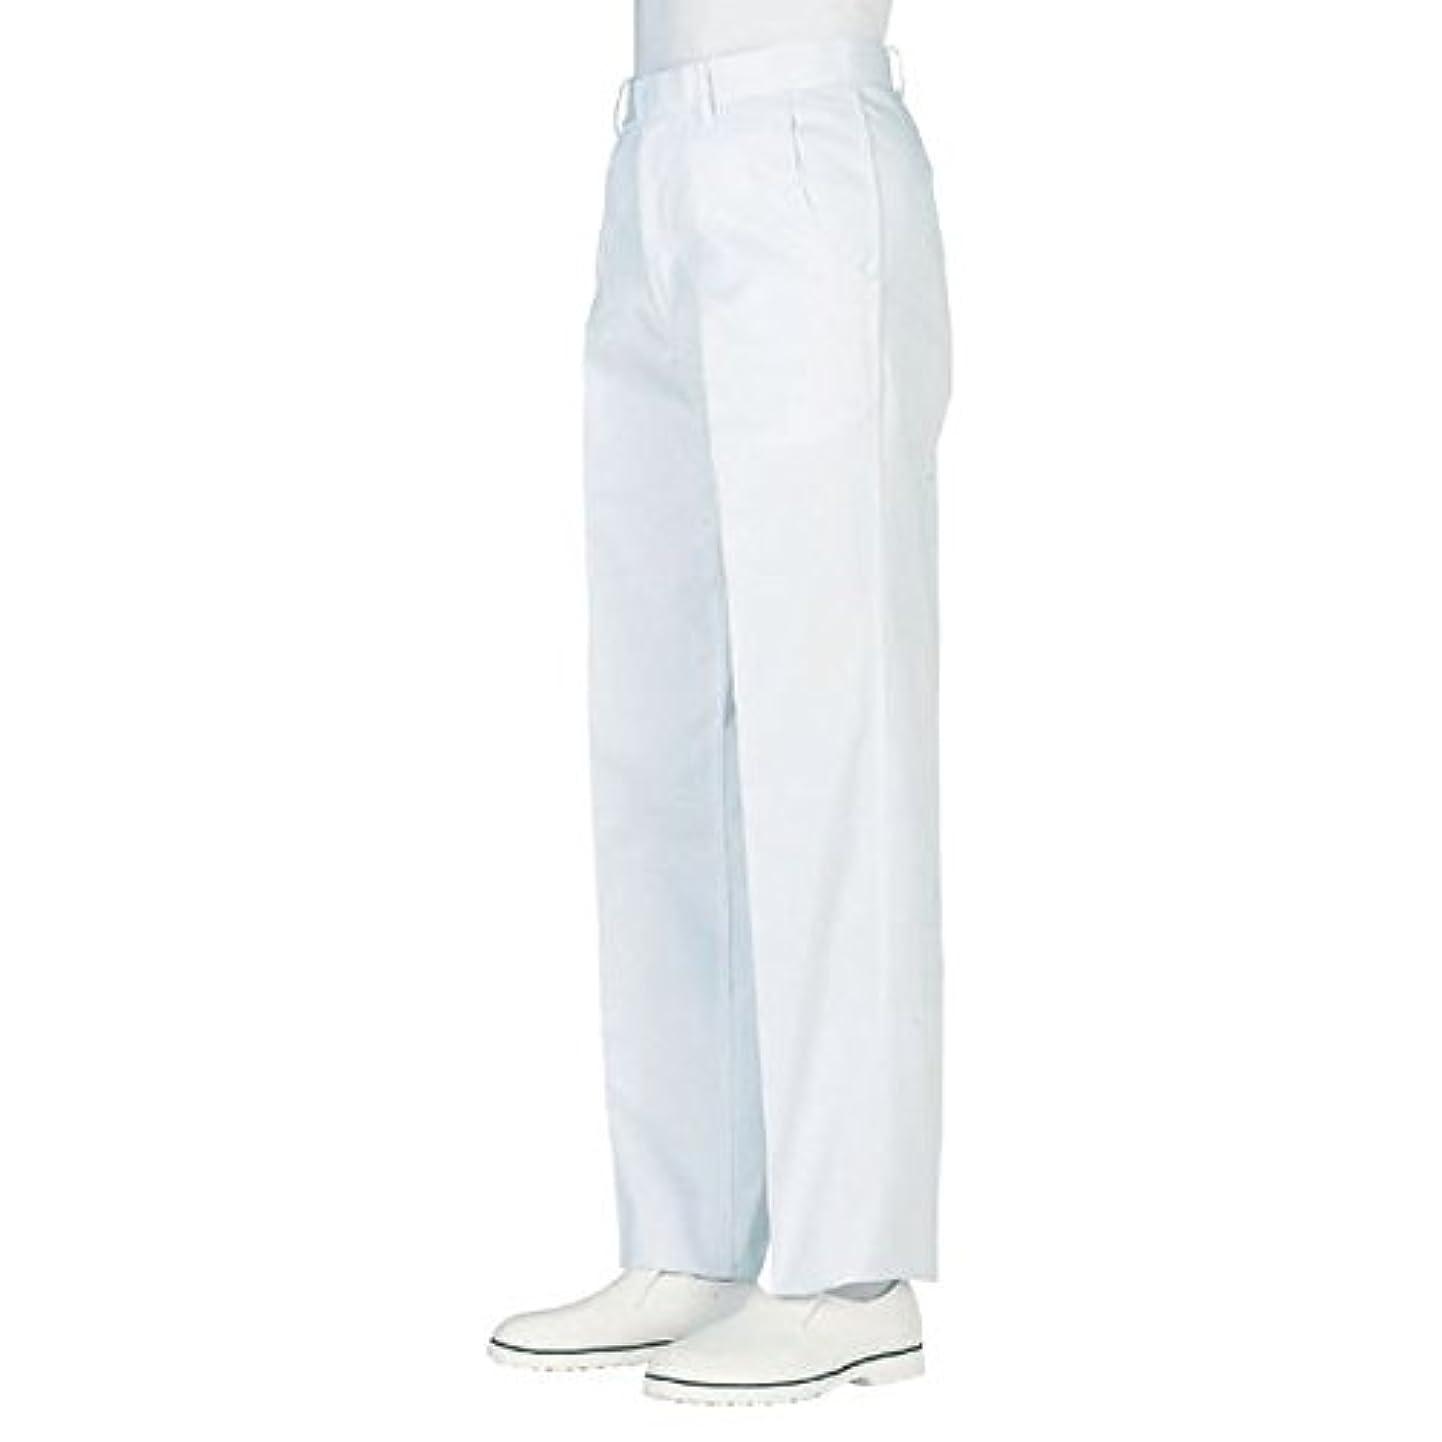 邪悪なテニス汚染されたworkfriend 男子ノータック白パンツ SKH430 ウエスト110cm